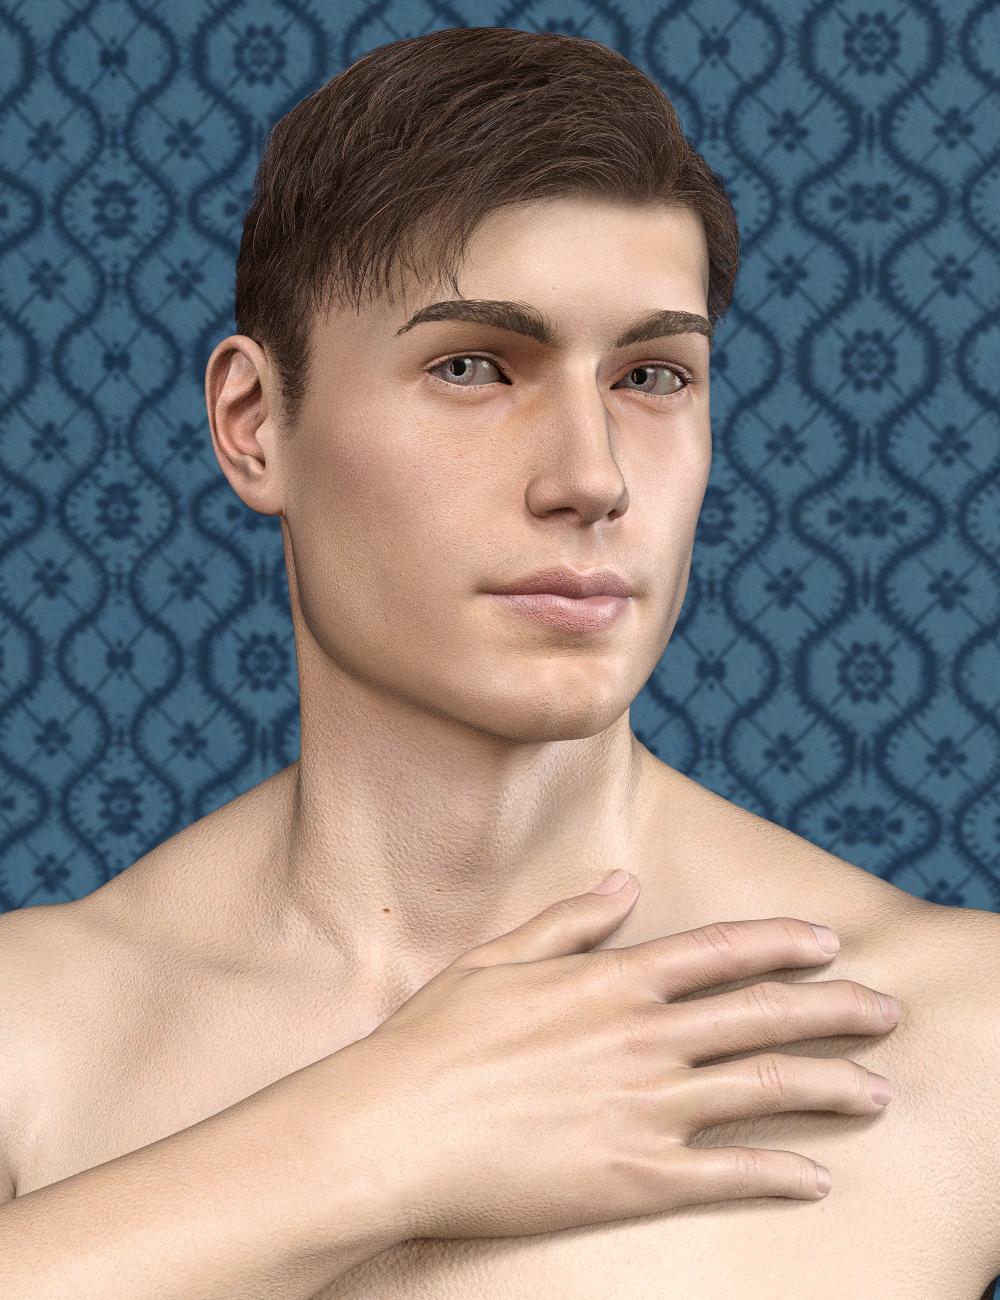 SF Beautiful Skin Iray Genesis 8 Male by: SickleyieldFuseling, 3D Models by Daz 3D